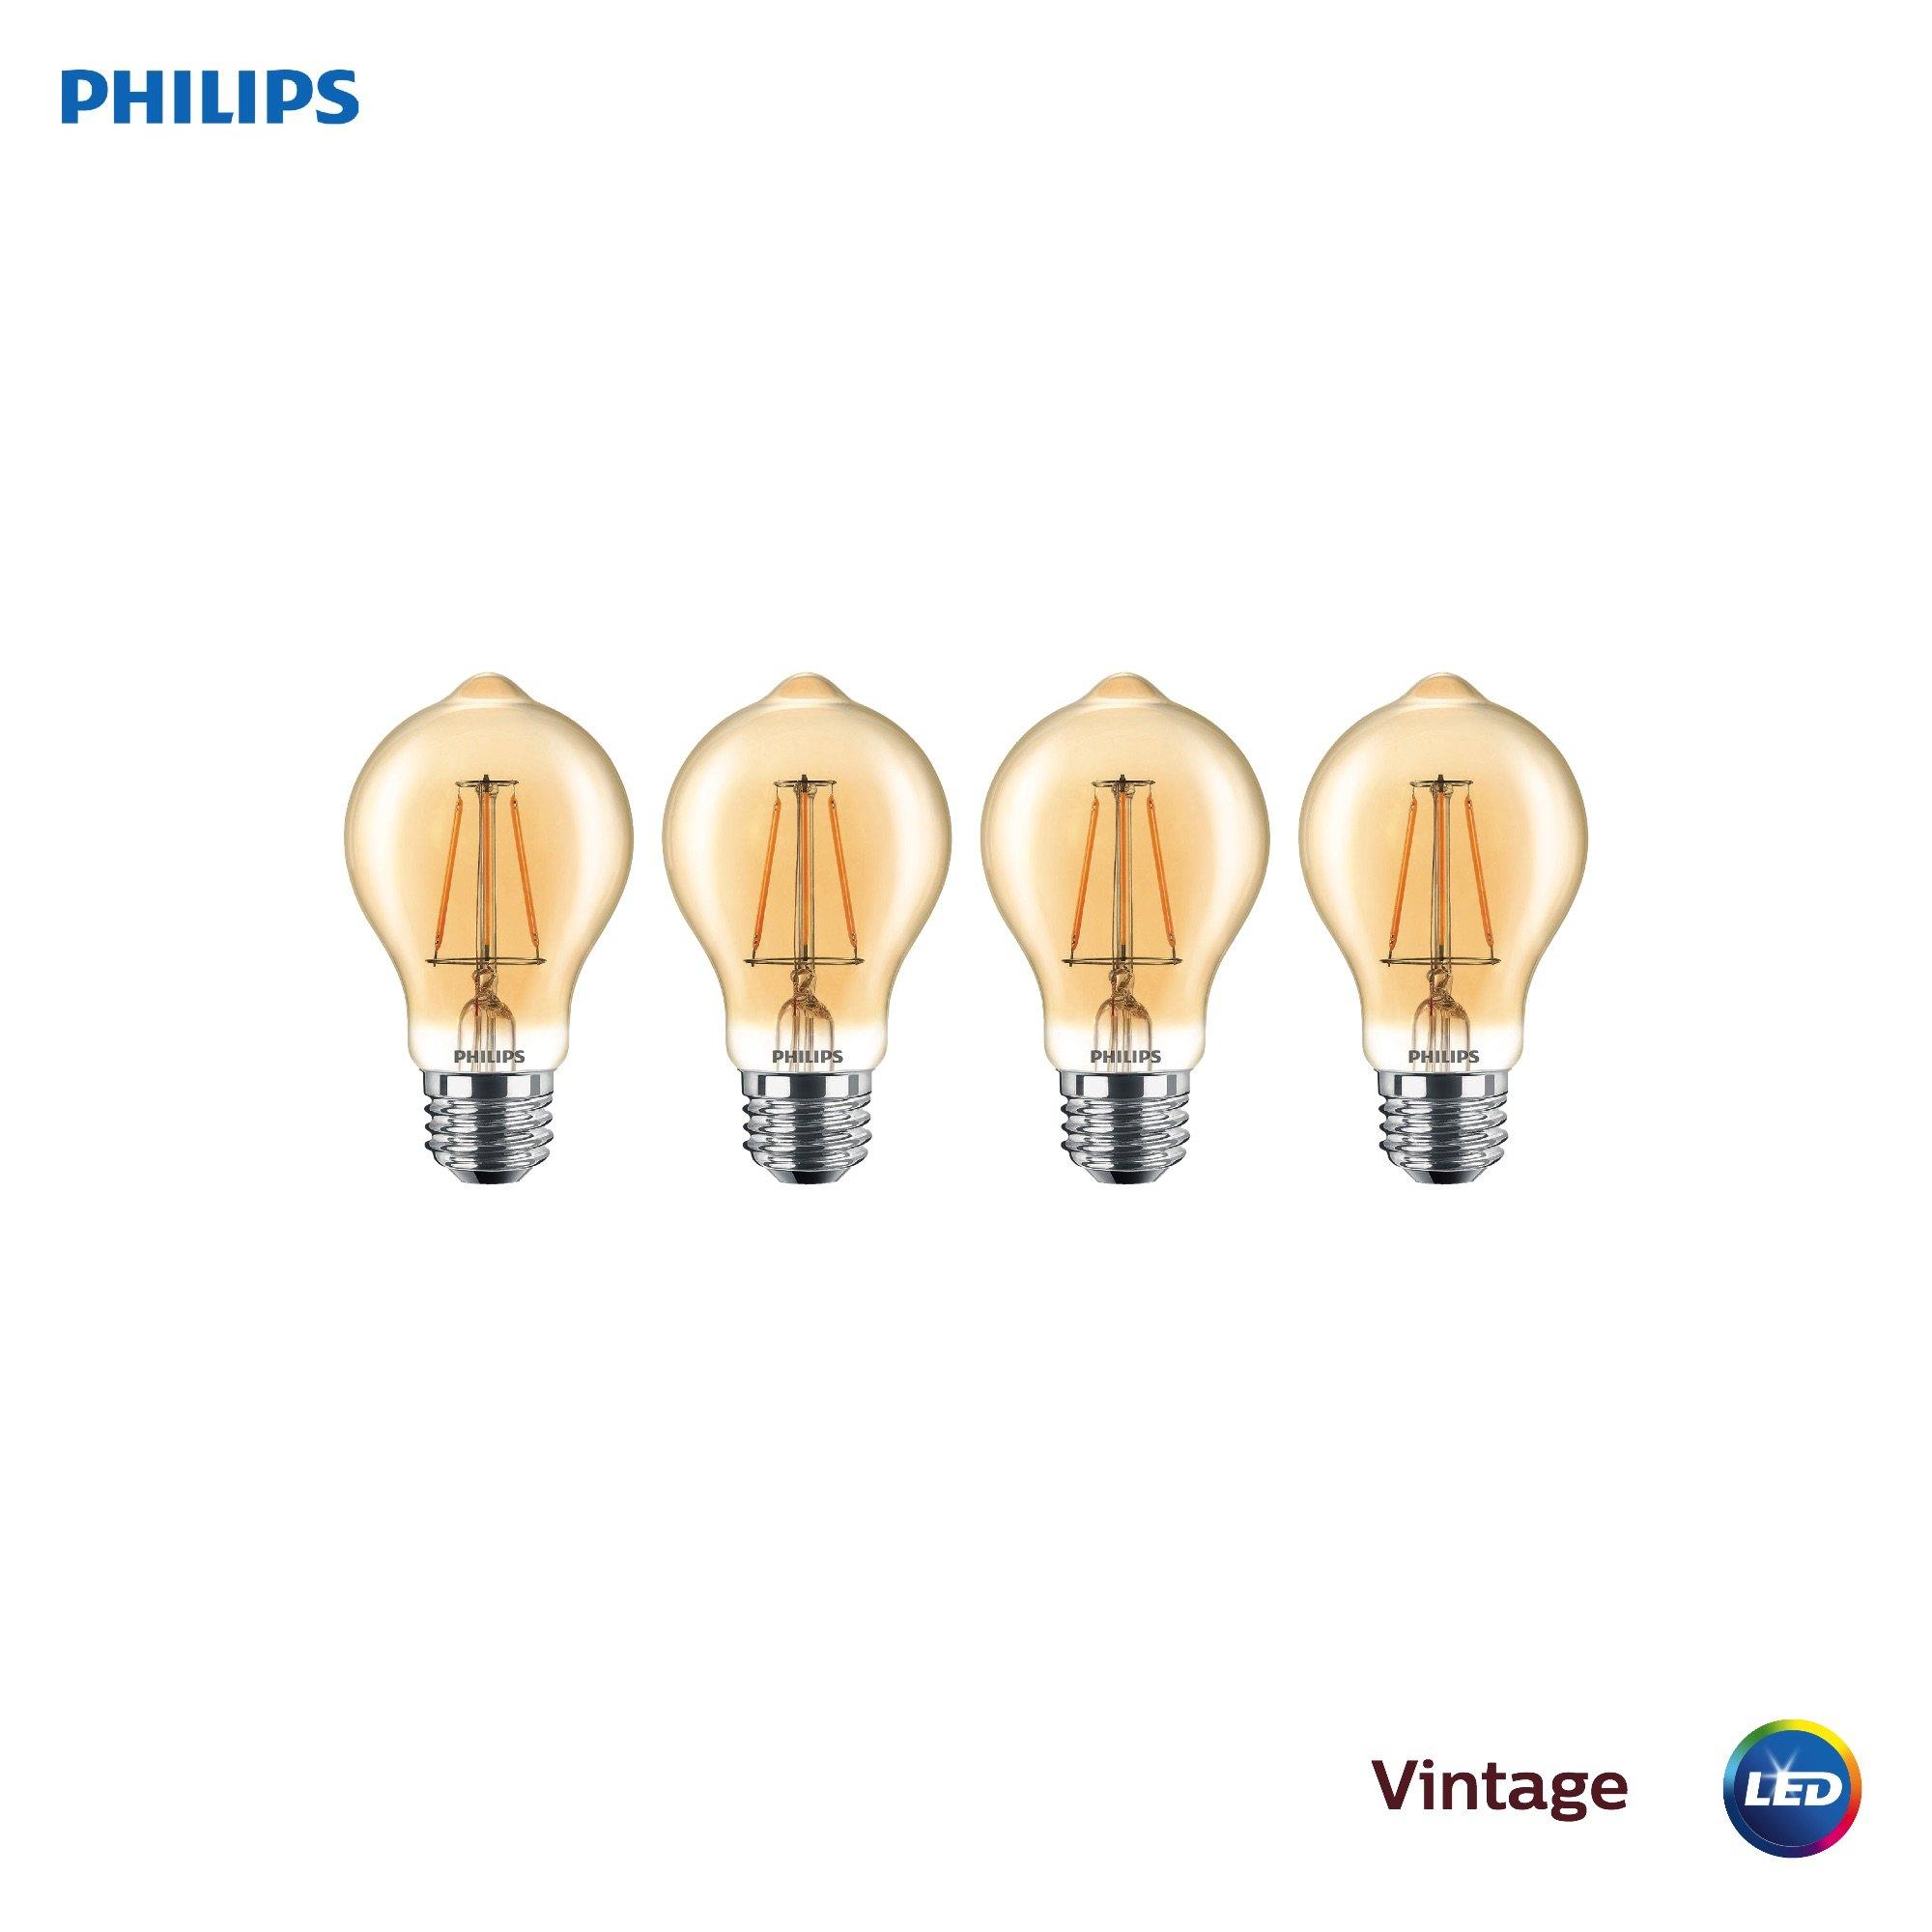 Phillips LED Dimmable A19 Light Bulb: 300-Lumen, 2200-Kelvin, 4.5-Watt (60-Watt Equivalent), E26 Base, Amber, Amber, 4-Pack